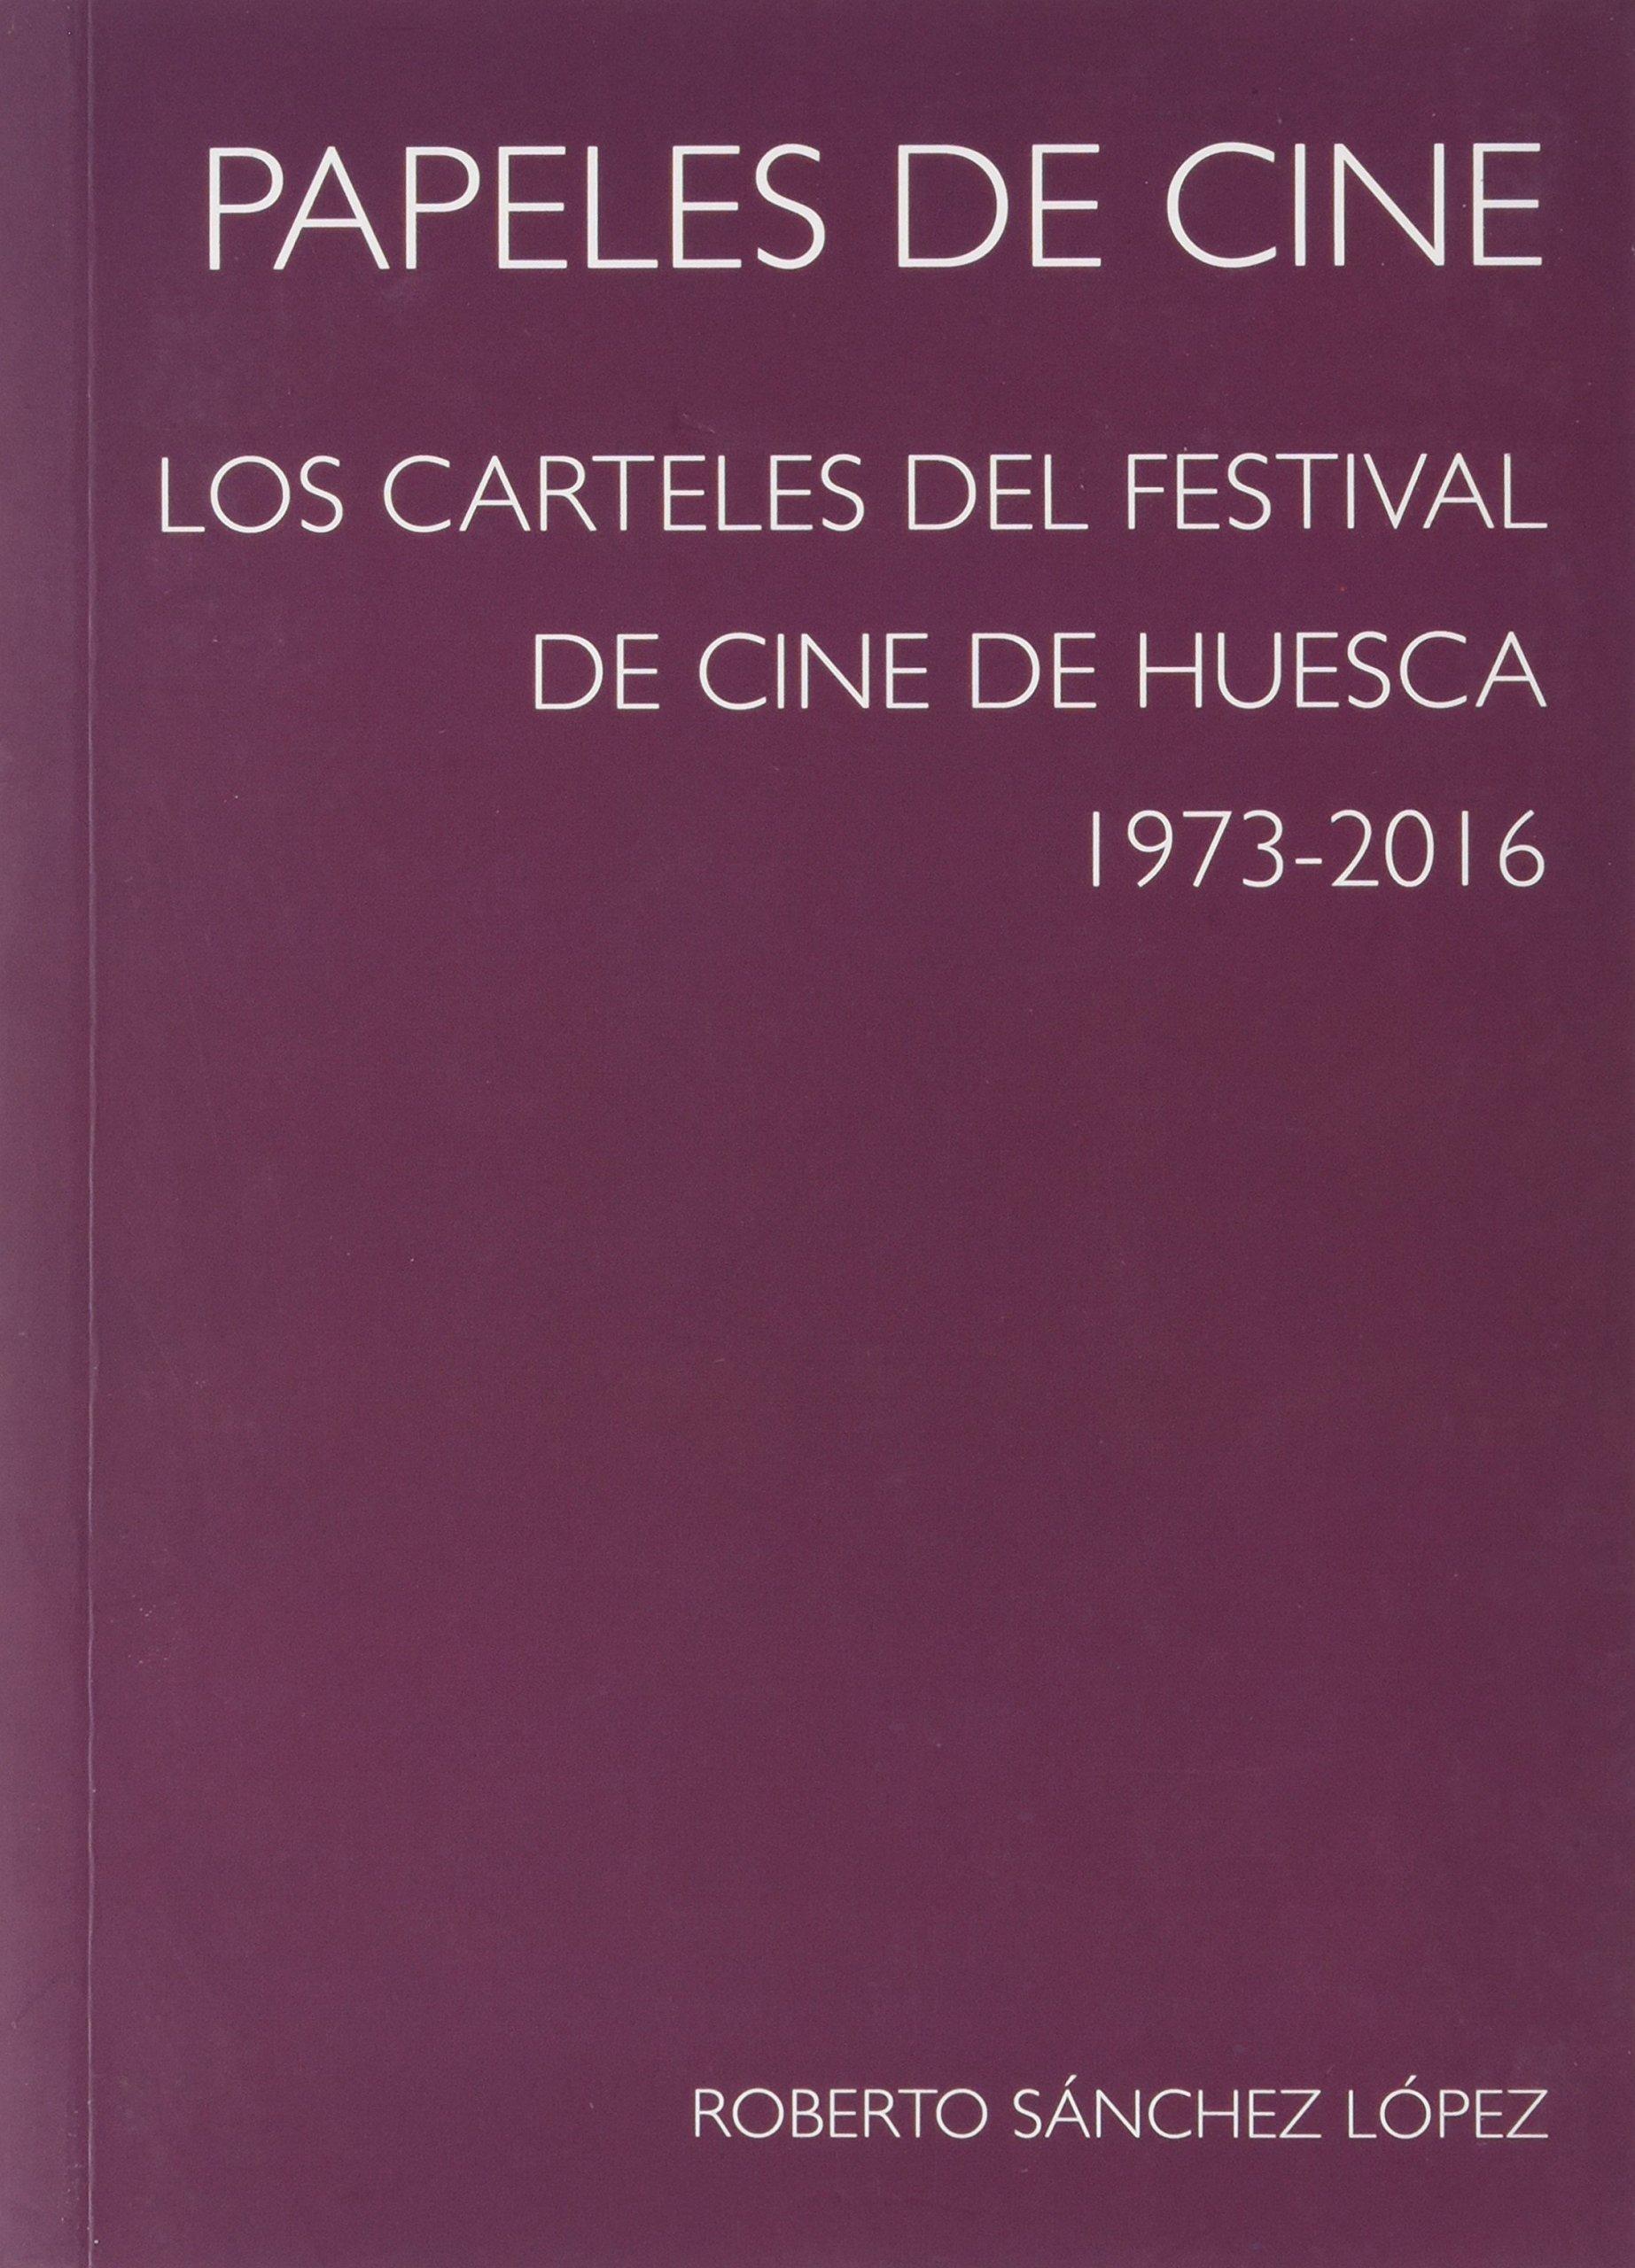 Papeles de cine: Los carteles del Festival de Cine de Huesca ...